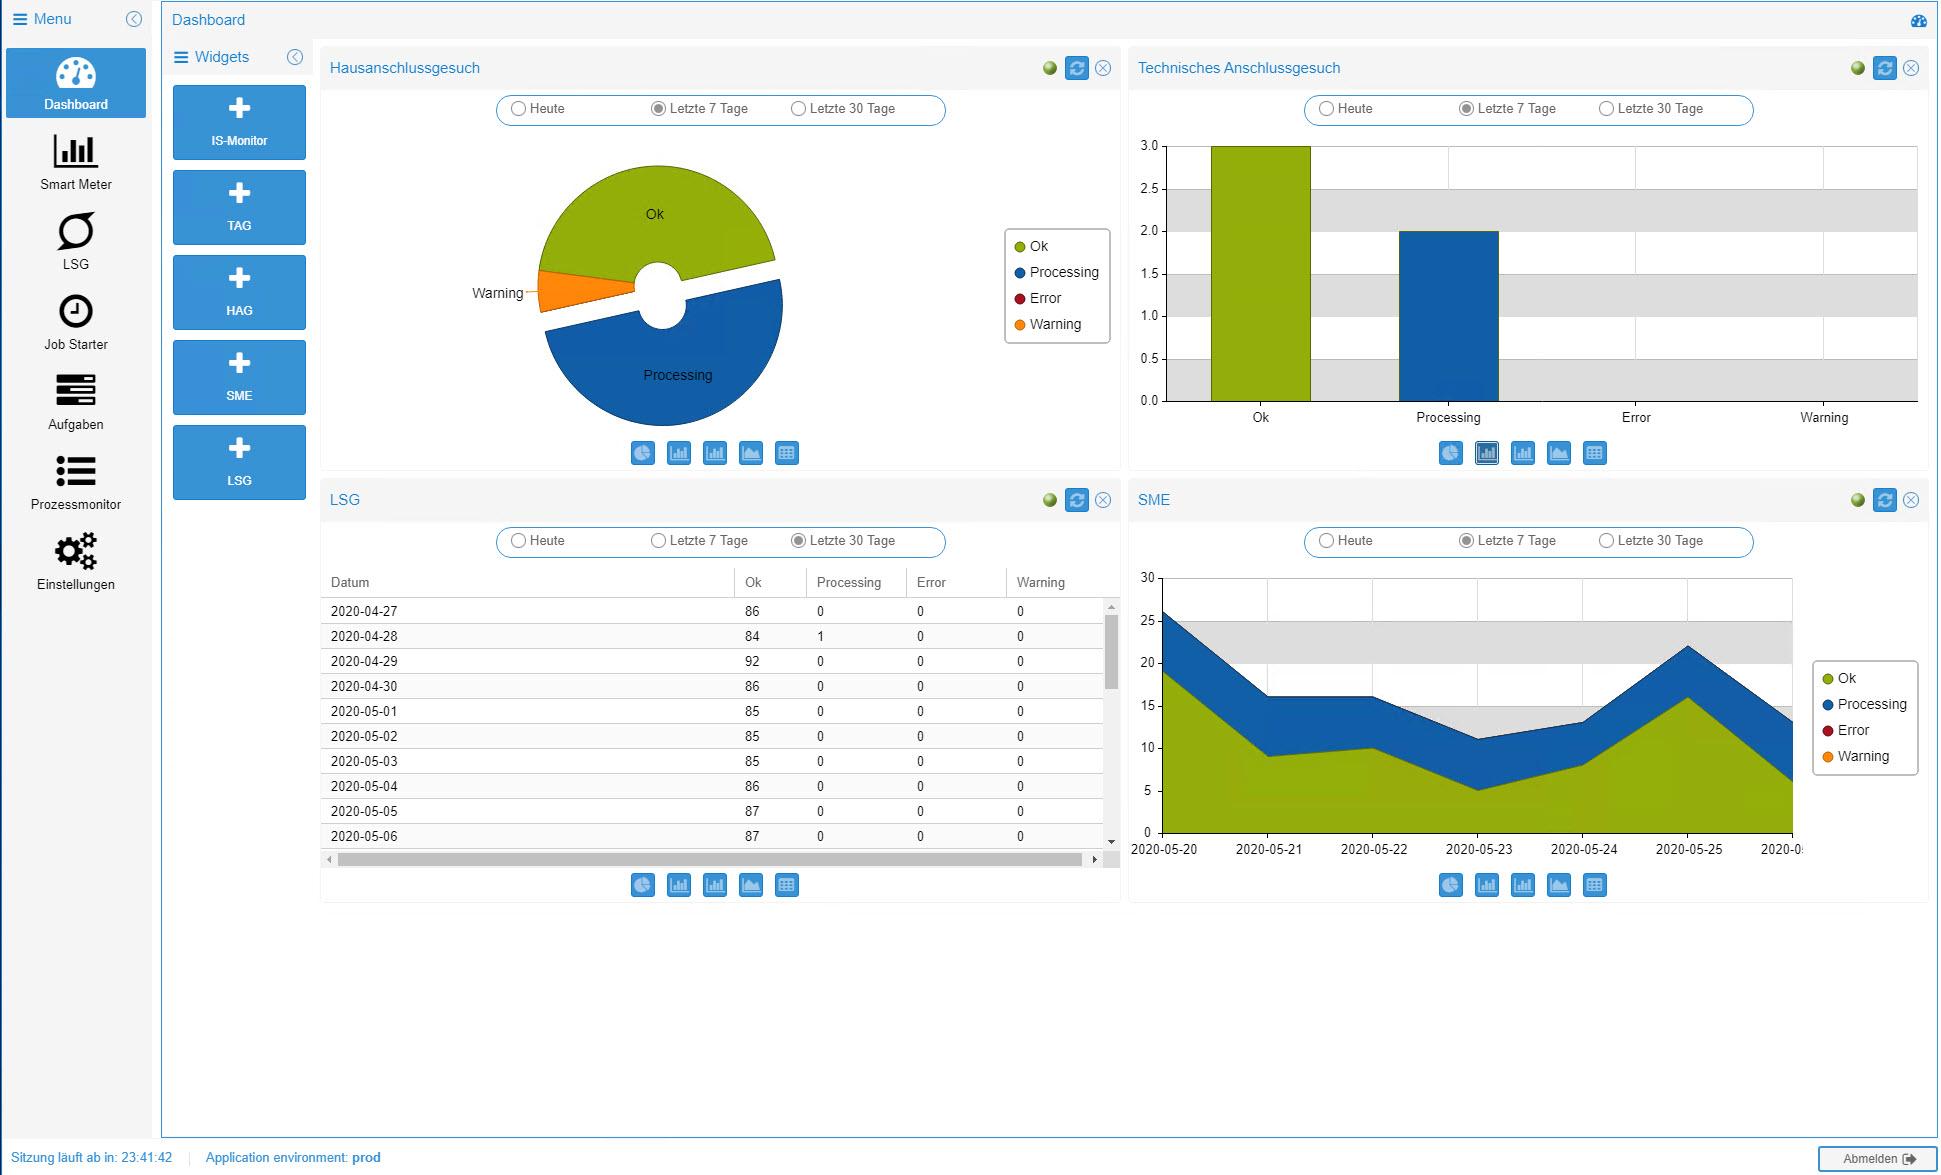 SMIP Smart Meter Prozess- und Integrations-Plattform by EnerBit_SMIP-Dashboard